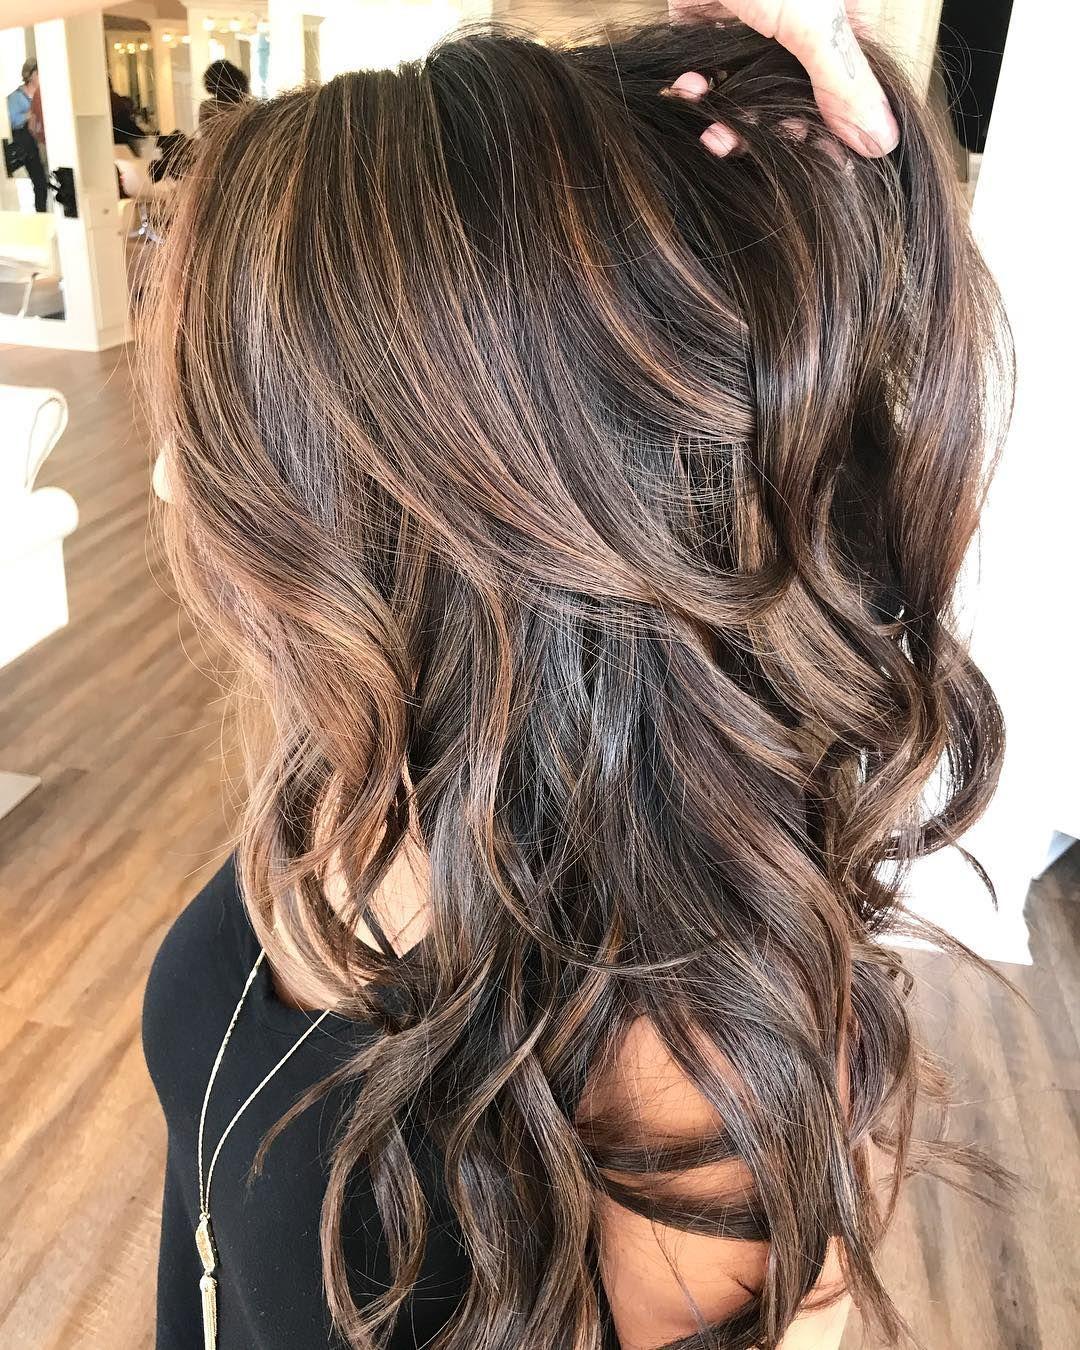 pingl par maryann zapata sur color en 2018 pinterest cheveux coiffure et couleur cheveux. Black Bedroom Furniture Sets. Home Design Ideas